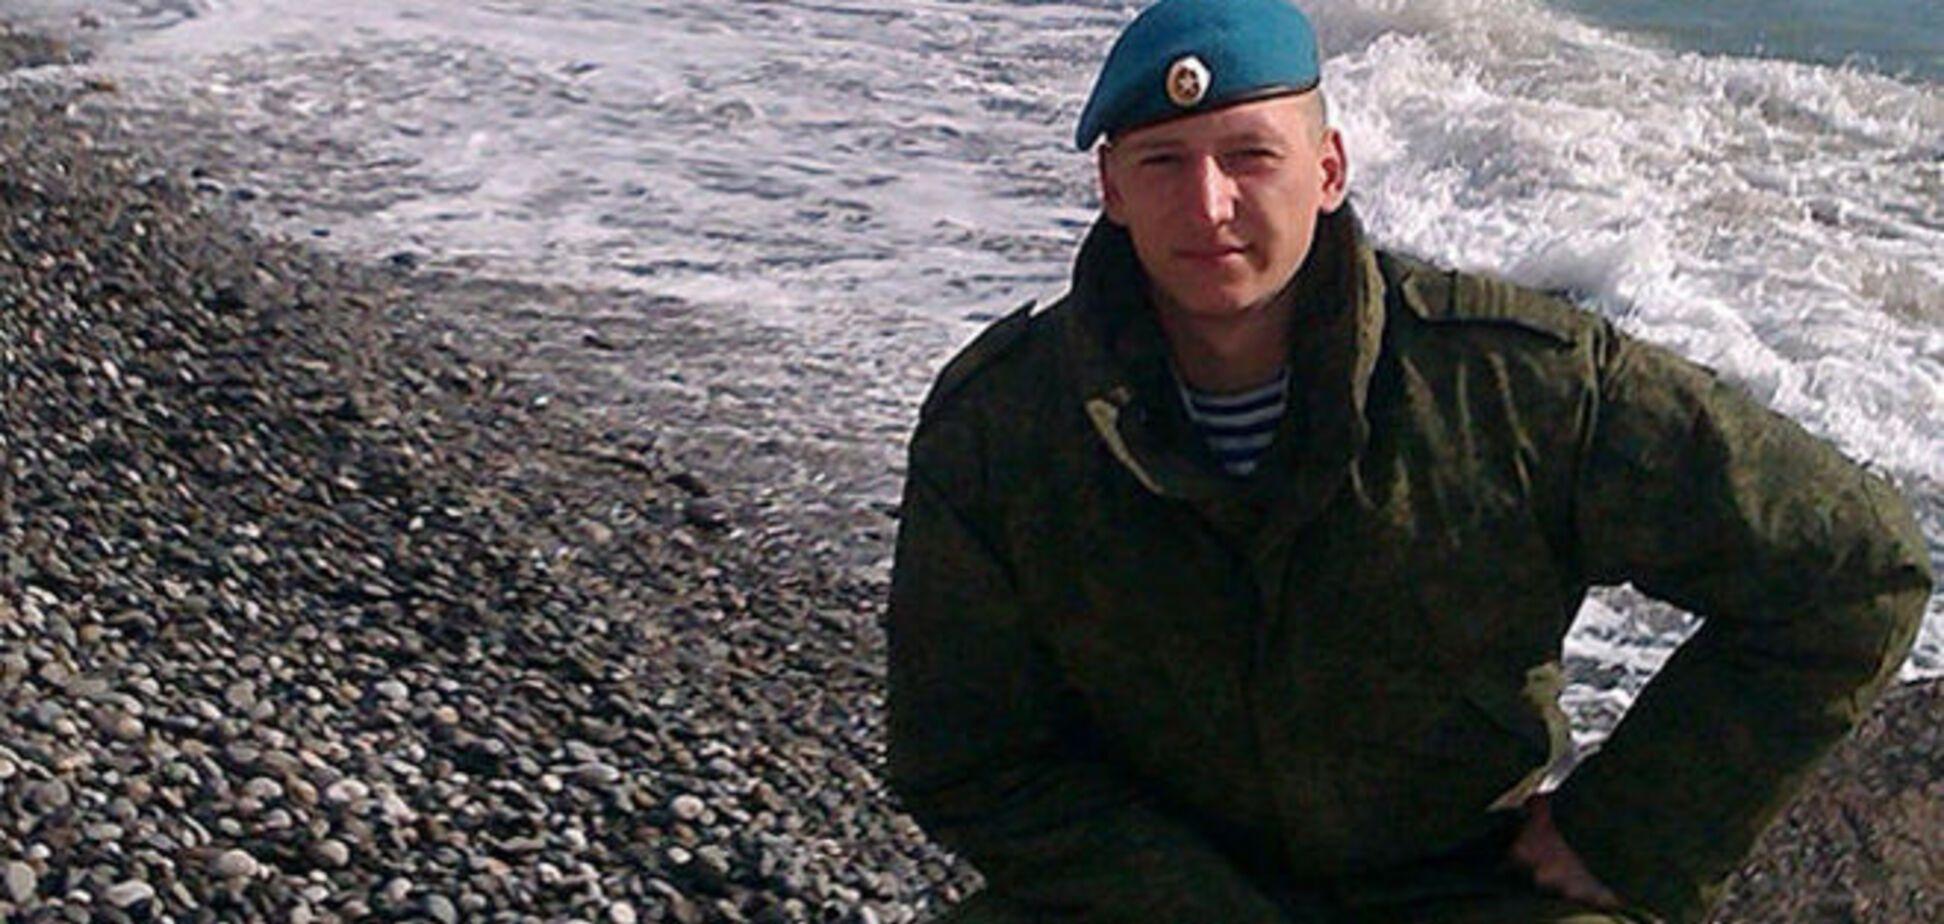 'Зеленый человечек' об оккупации Крыма: уважаю не присягнувших флагу России украинских военных